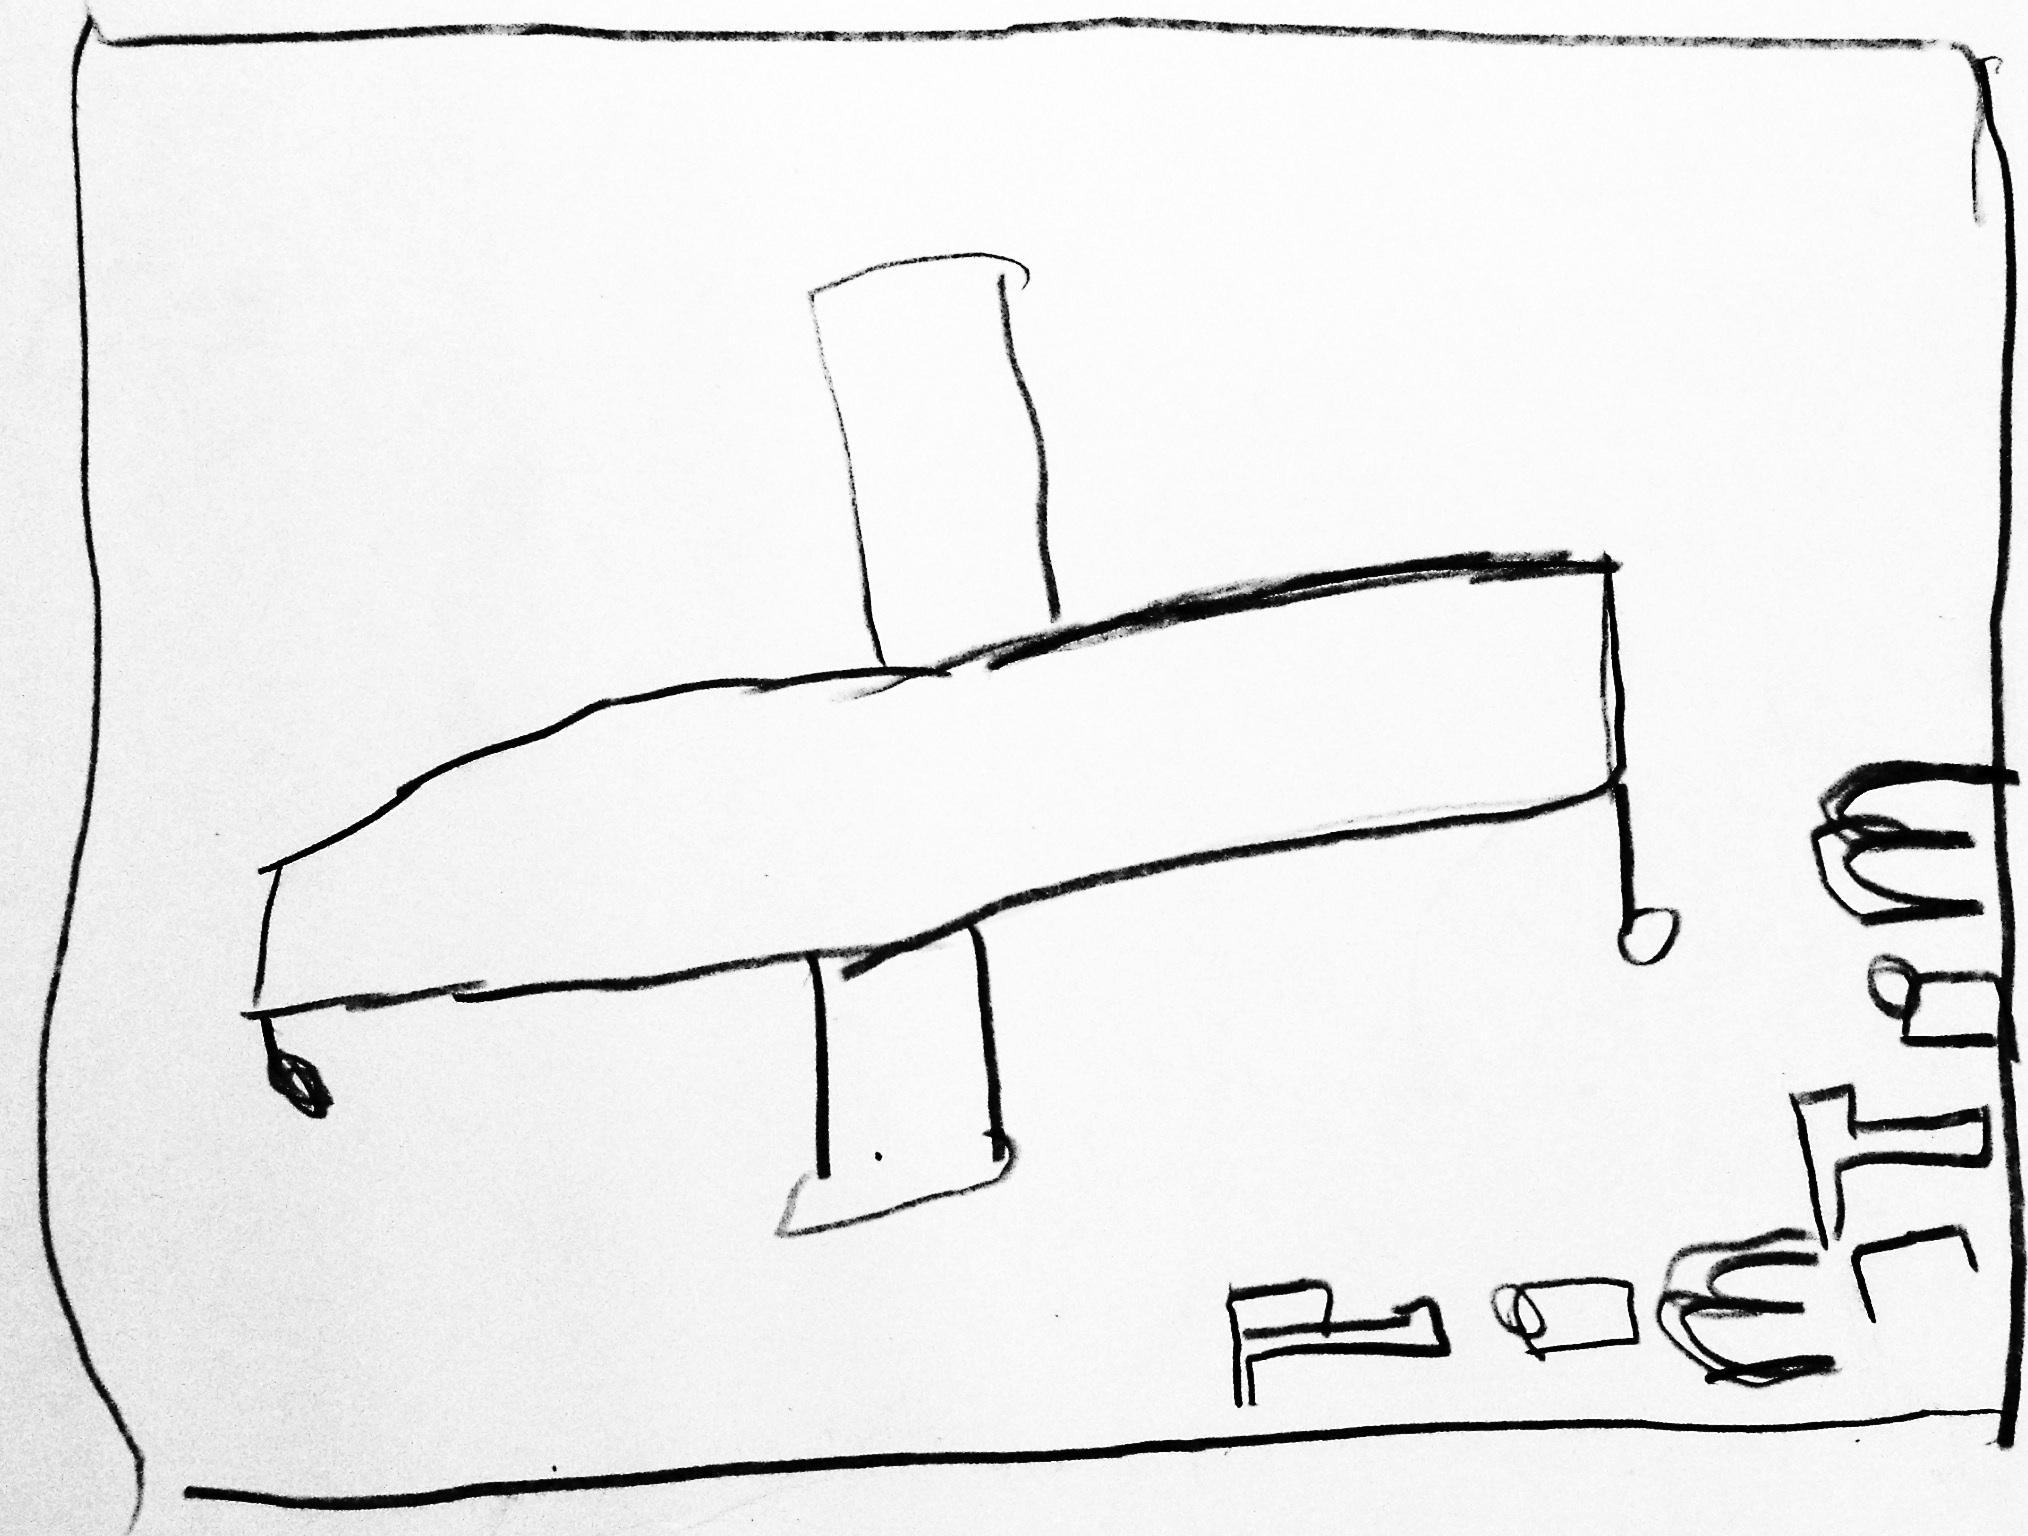 Tim's Hieroglphs